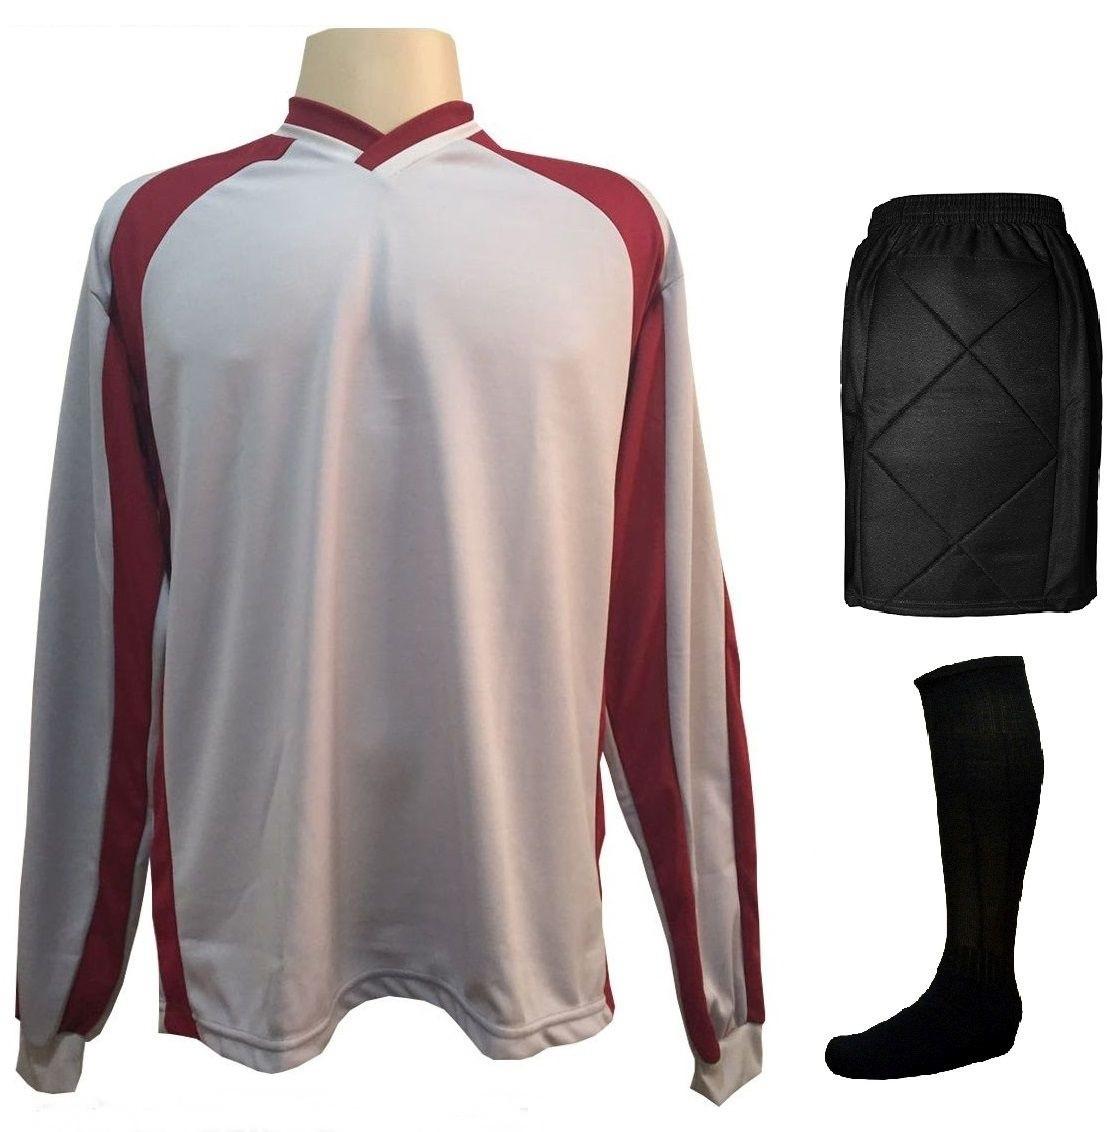 Uniforme Esportivo Completo modelo PSG 14+1 (14 camisas Limão/Preto/Branco + 14 calções Madrid Branco + 14 pares de meiões Preto + 1 conjunto de goleiro) + Brindes